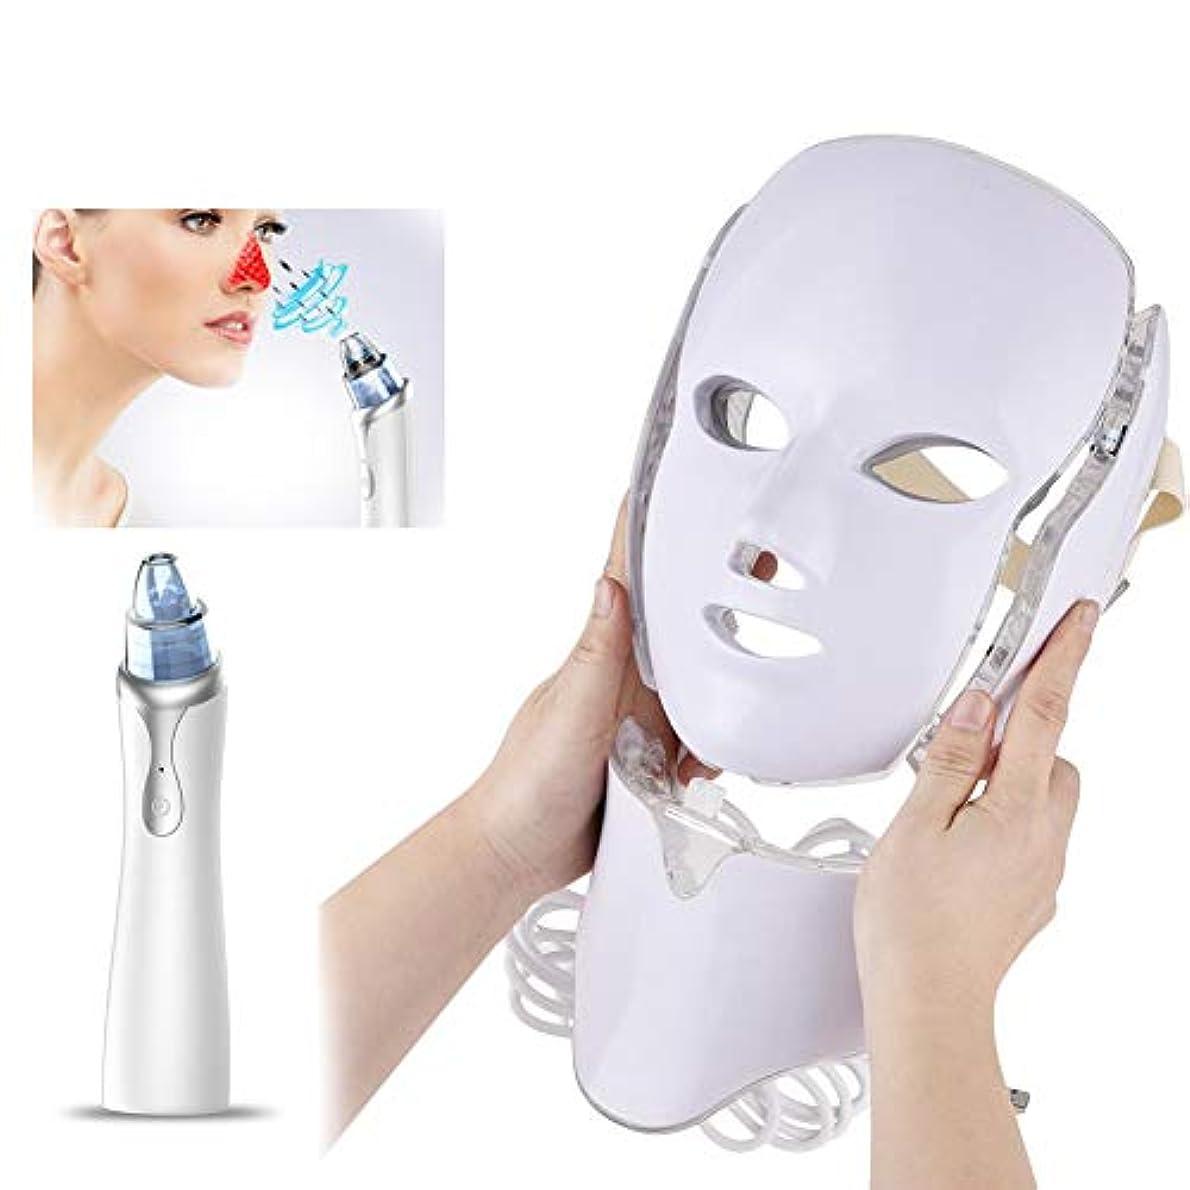 東ティモールバイパス自分アンチエイジングフォトンライトスキンリジュビネーションフェイシャルケア用美容マスクプロLEDライトセラピーマスク(ギフトブラックヘッドインストゥルメント)